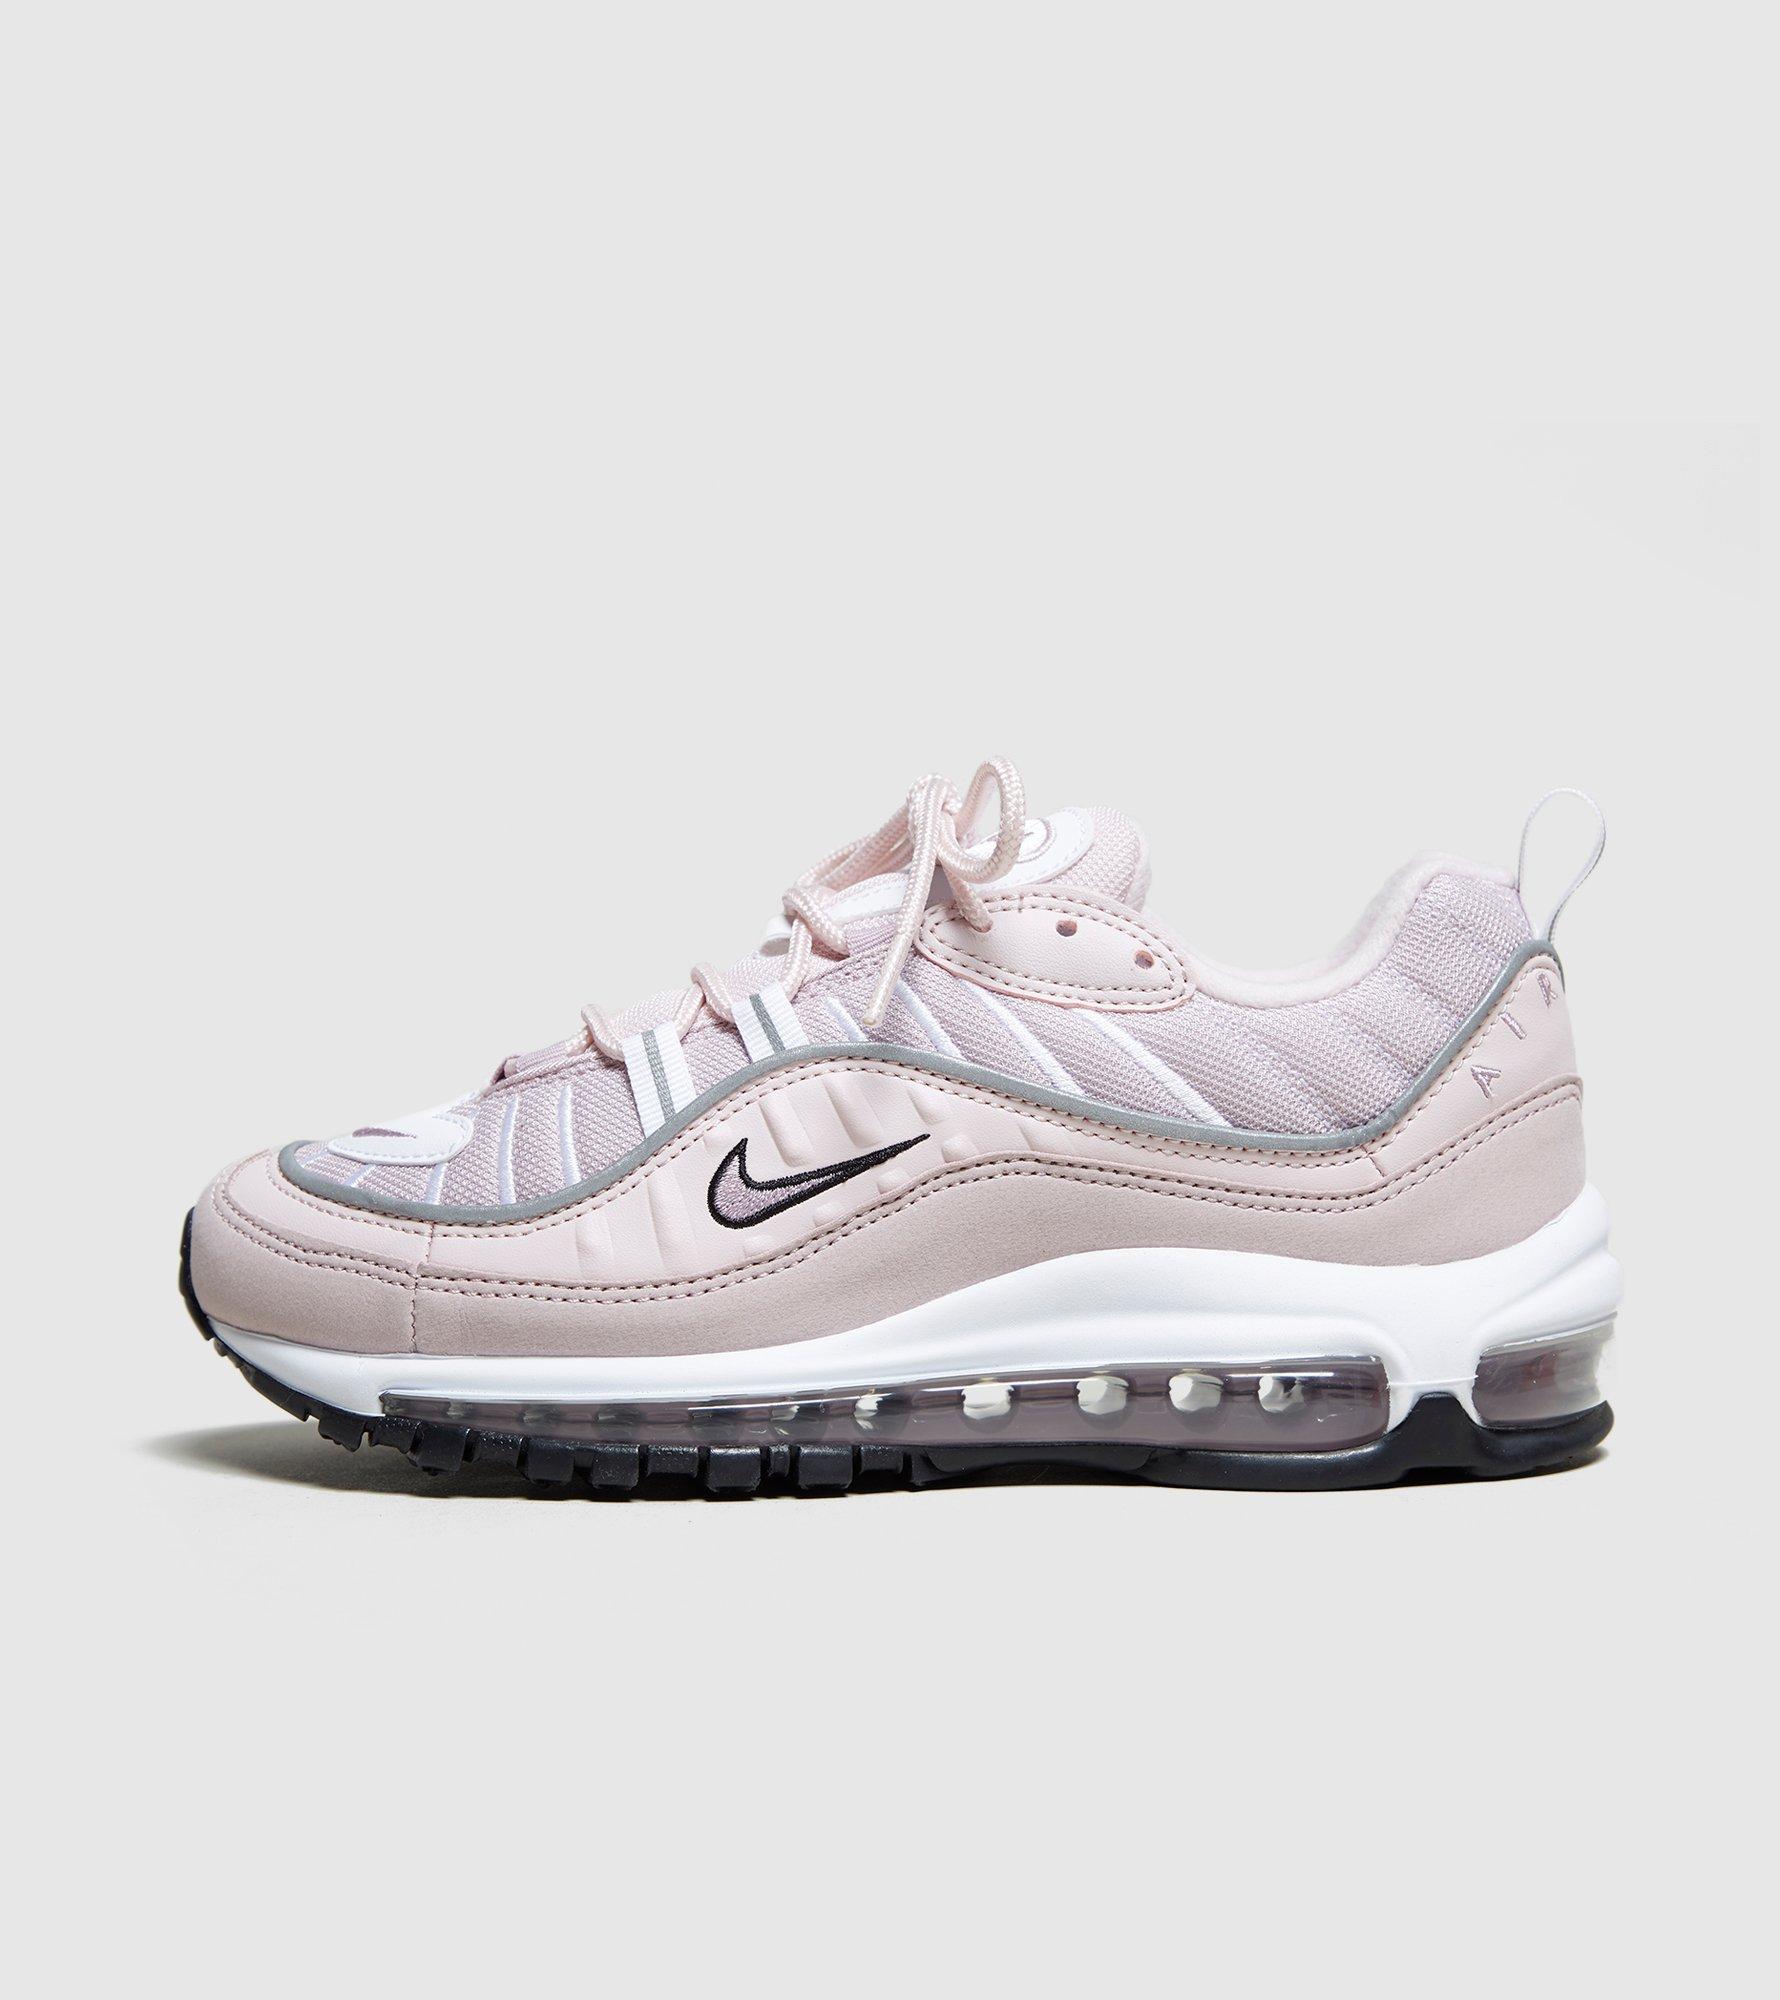 chaussures adidas gsg9 v2 pas cher